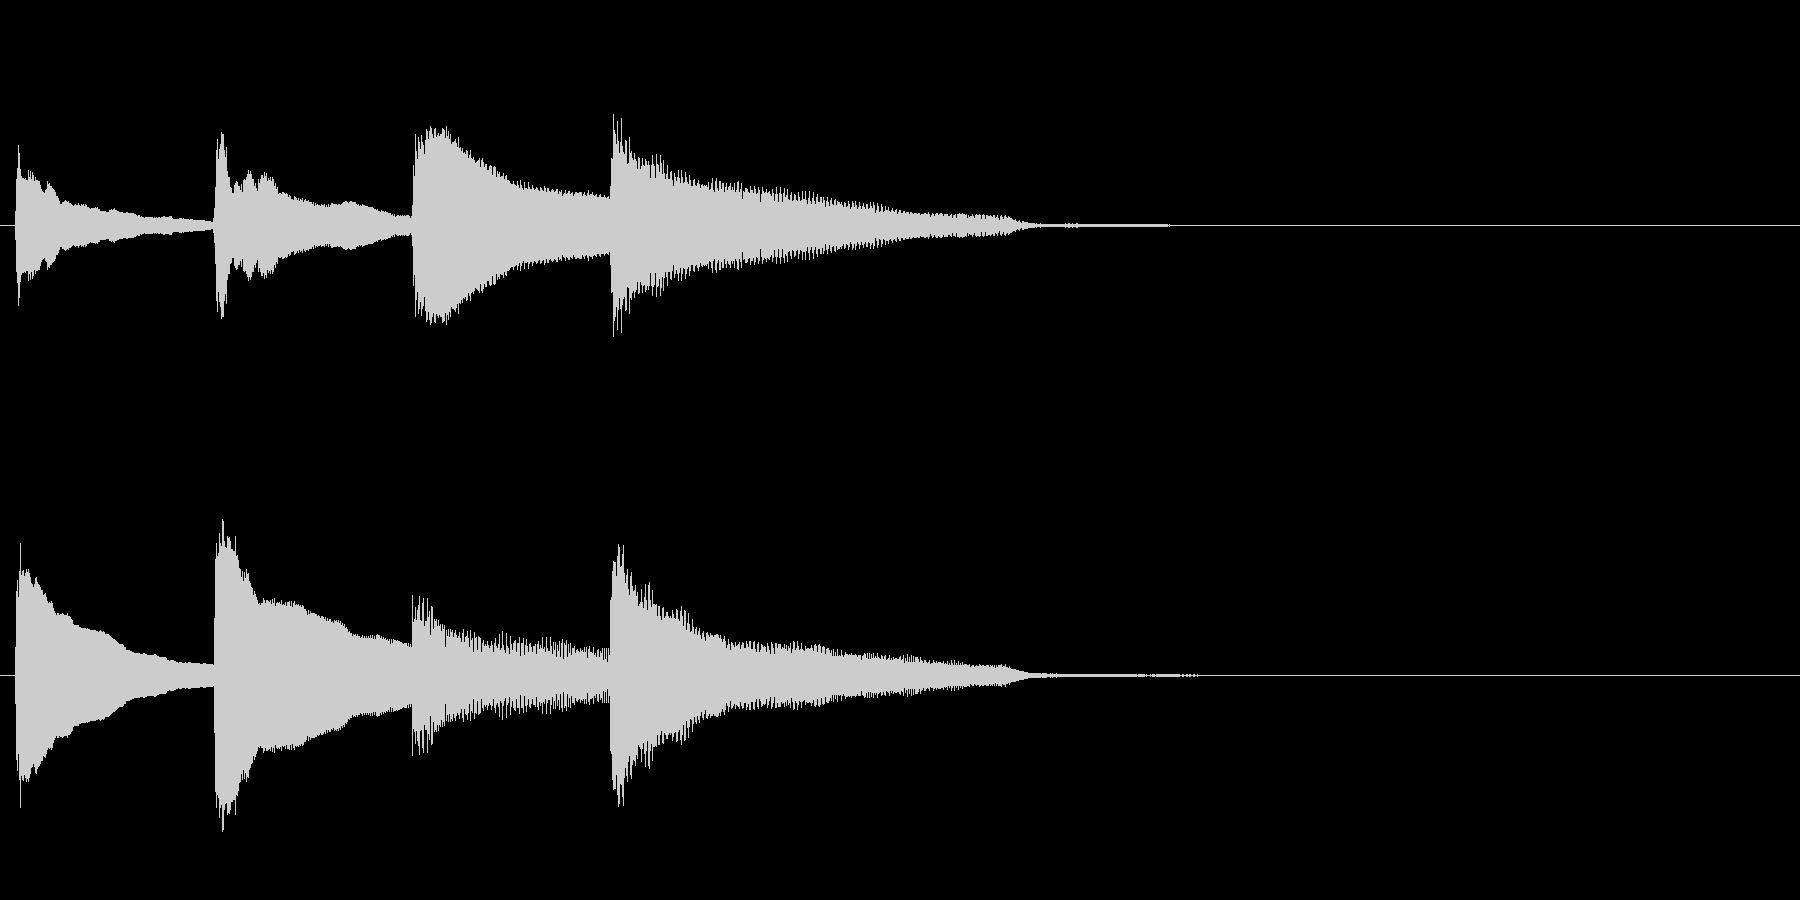 アナウンス後のピンポンパンポン・下降の未再生の波形